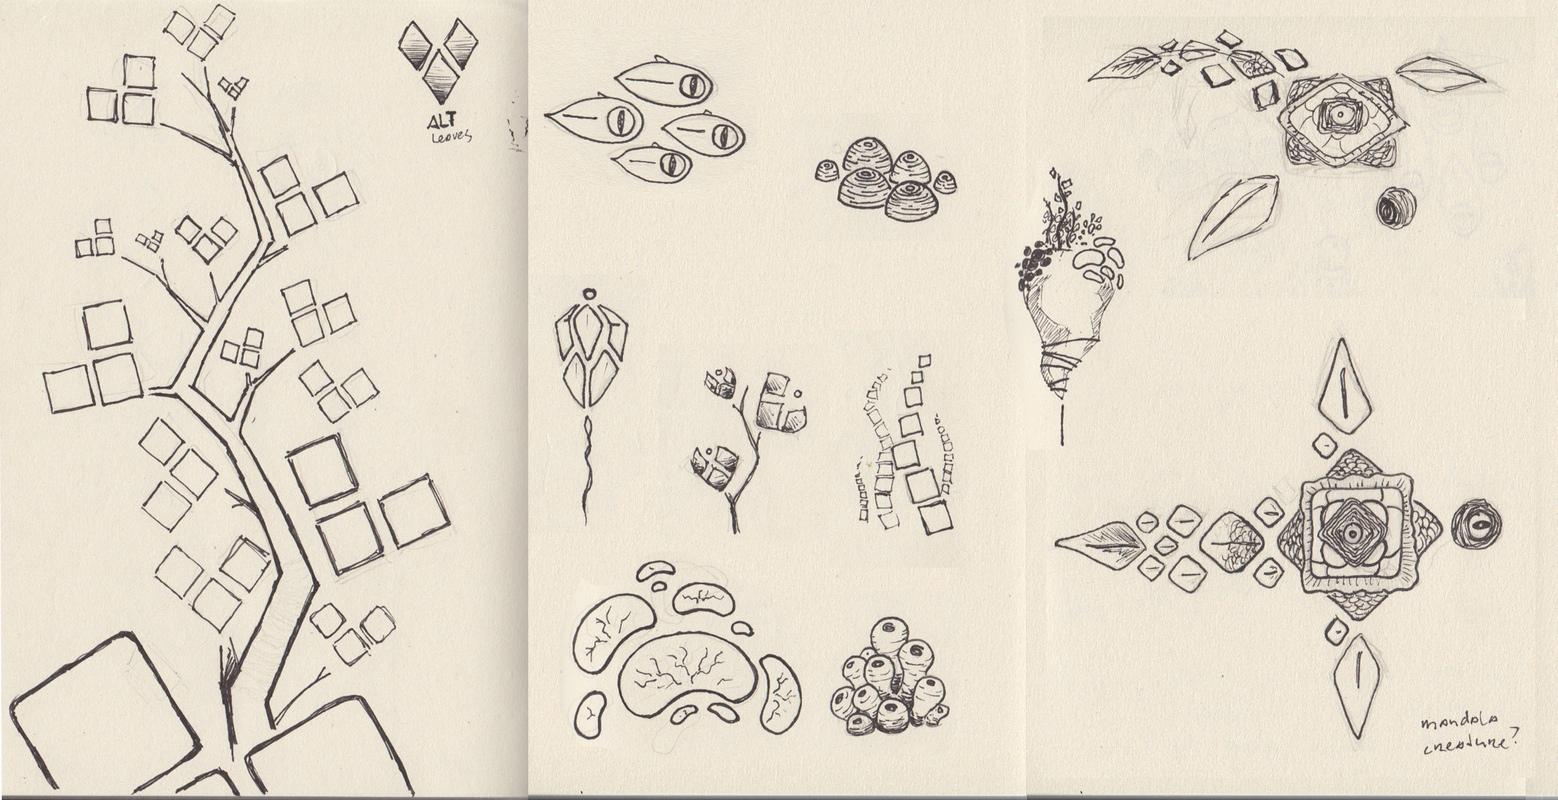 DEEP_sketch_01.jpg